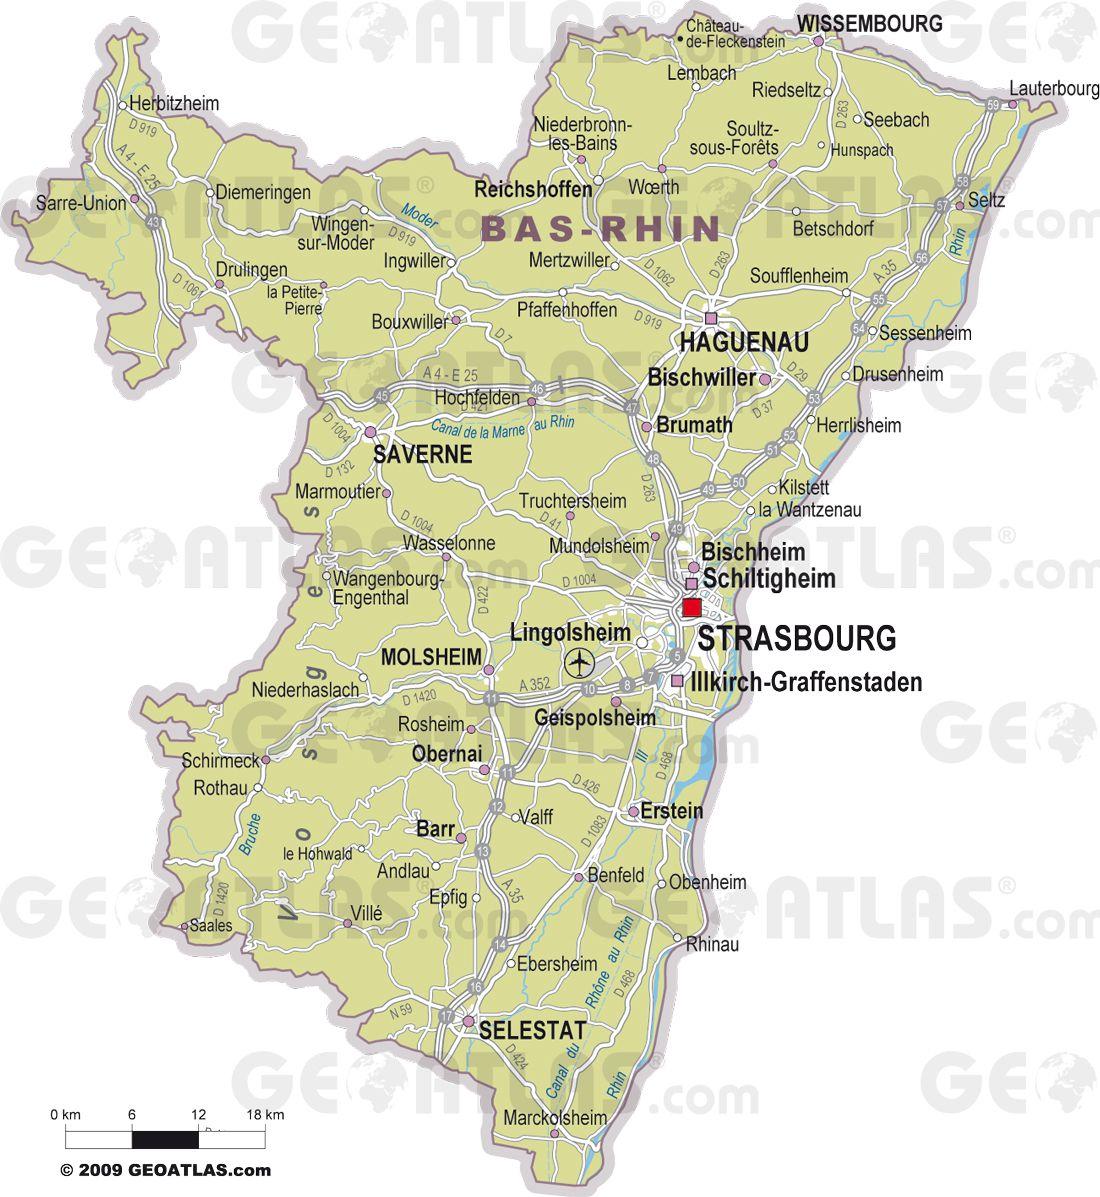 Carte des villes du Bas-Rhin